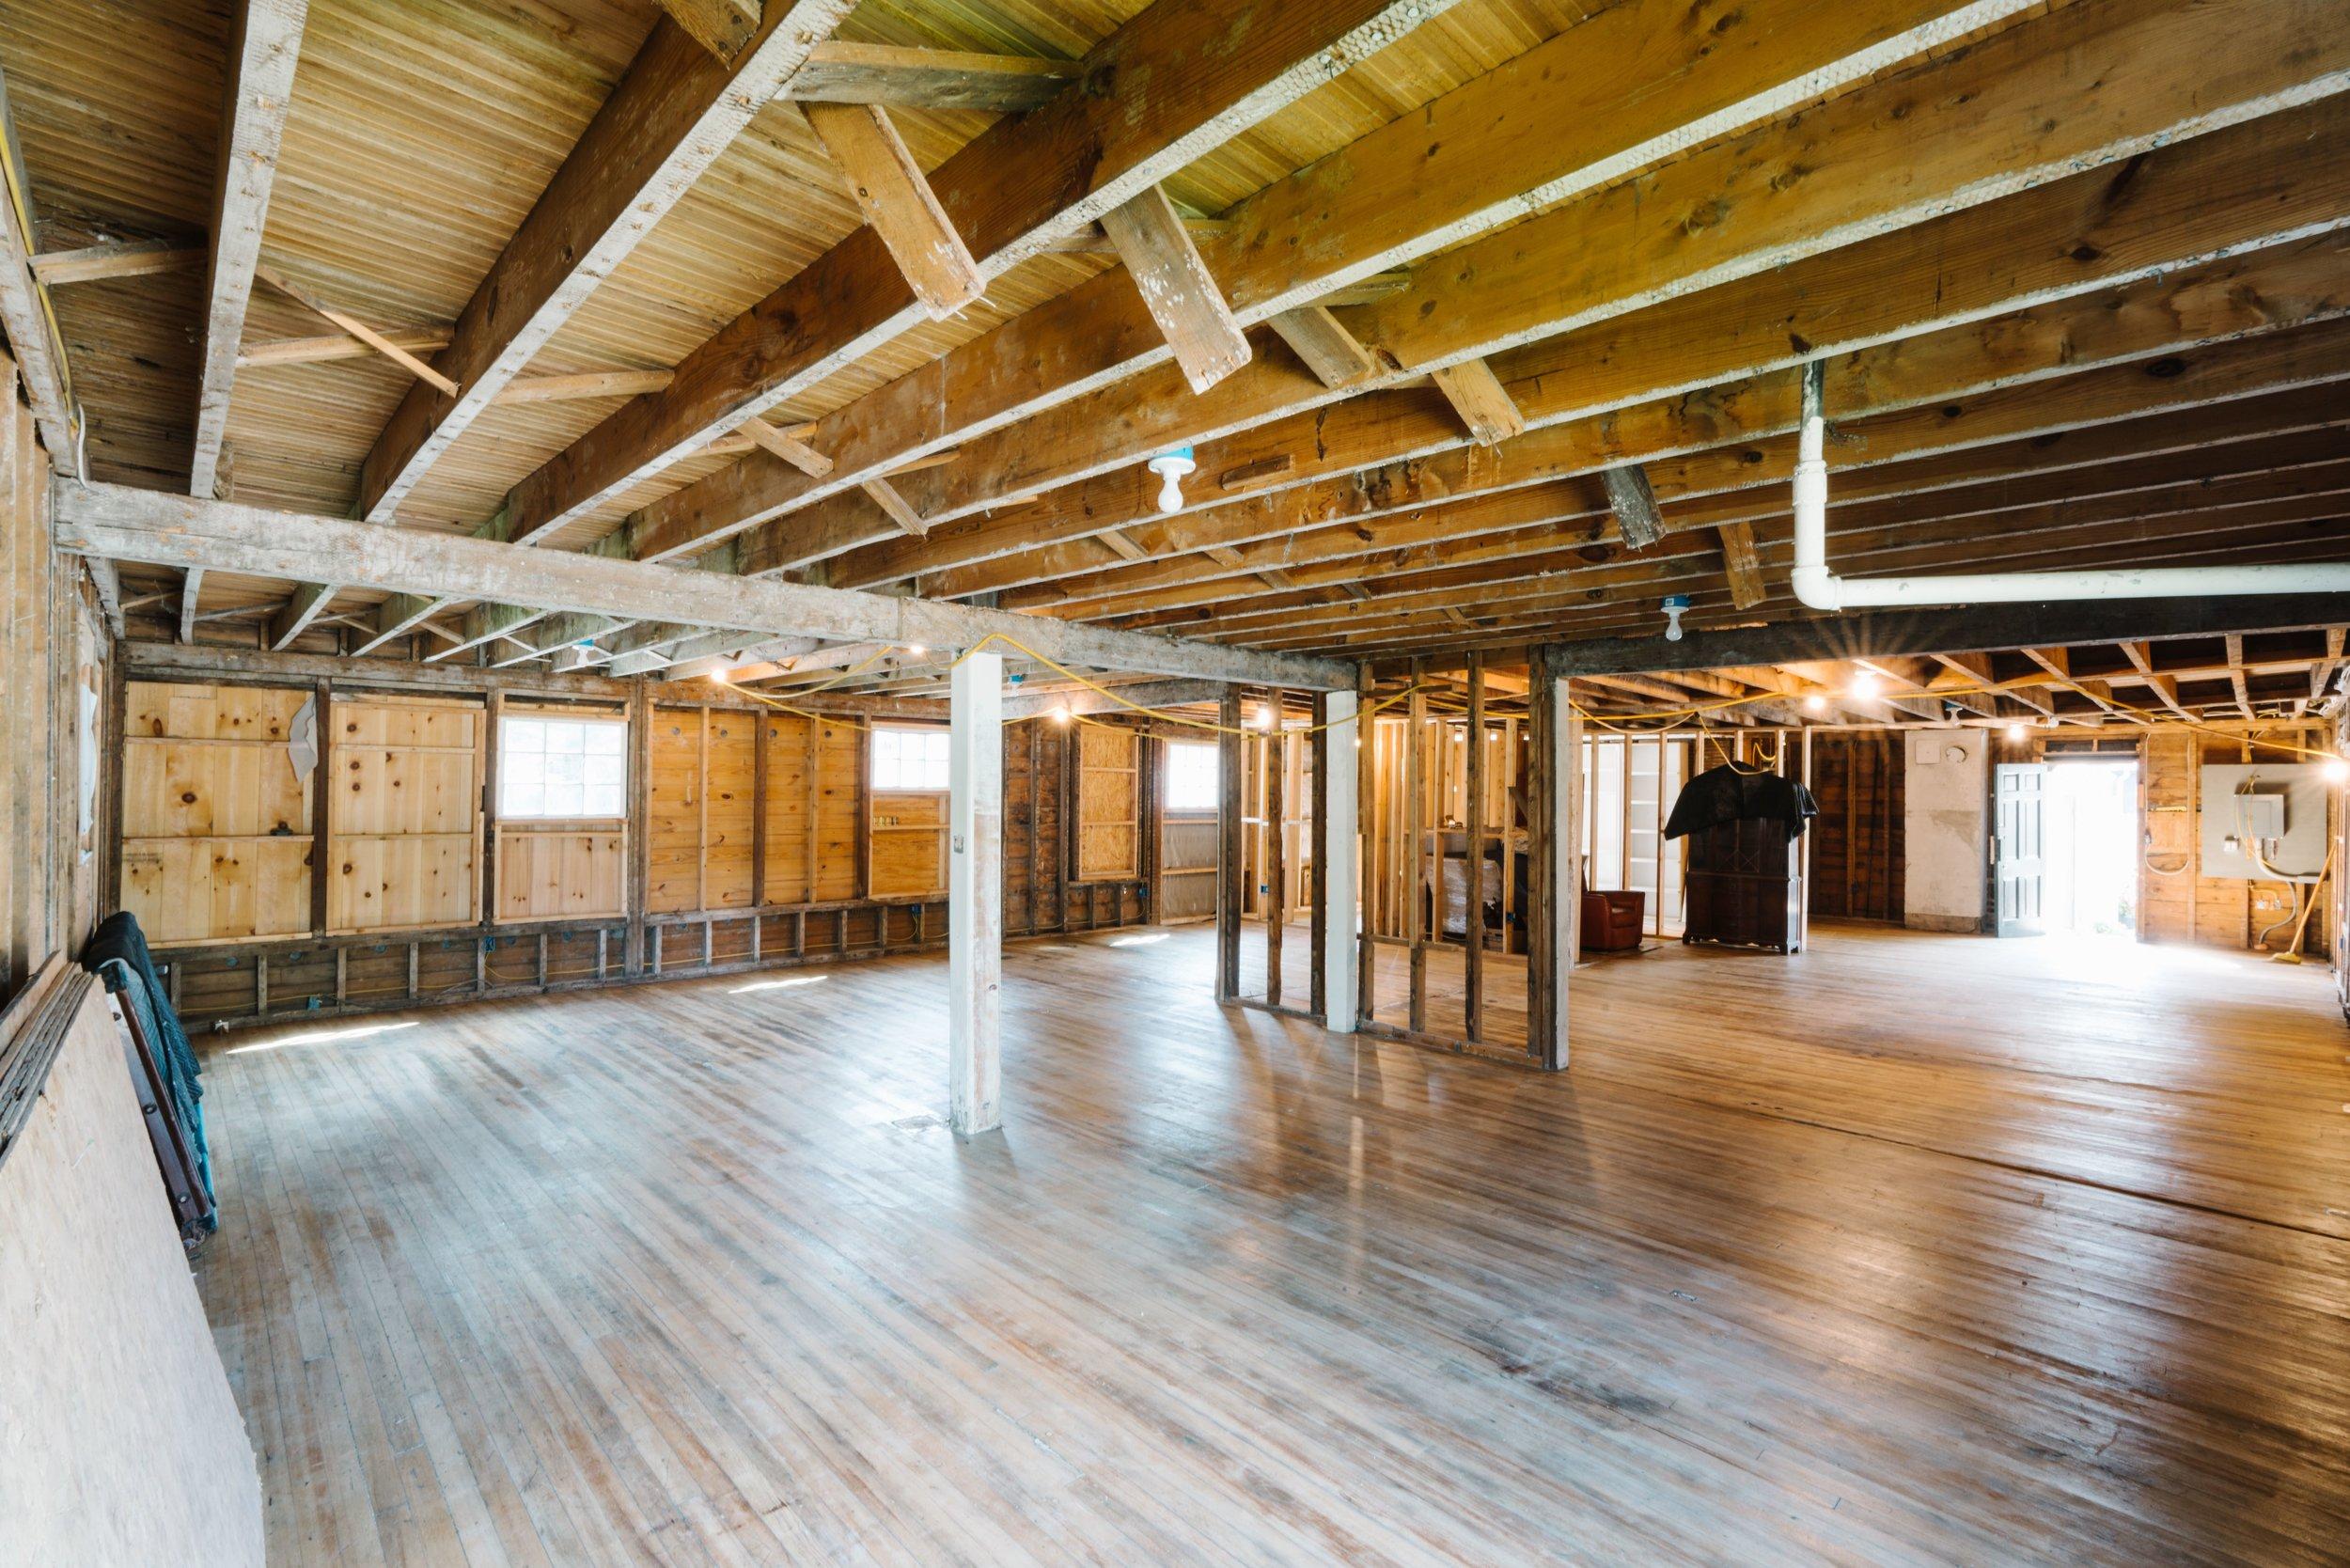 small Inside, 1st Floor 05.jpg